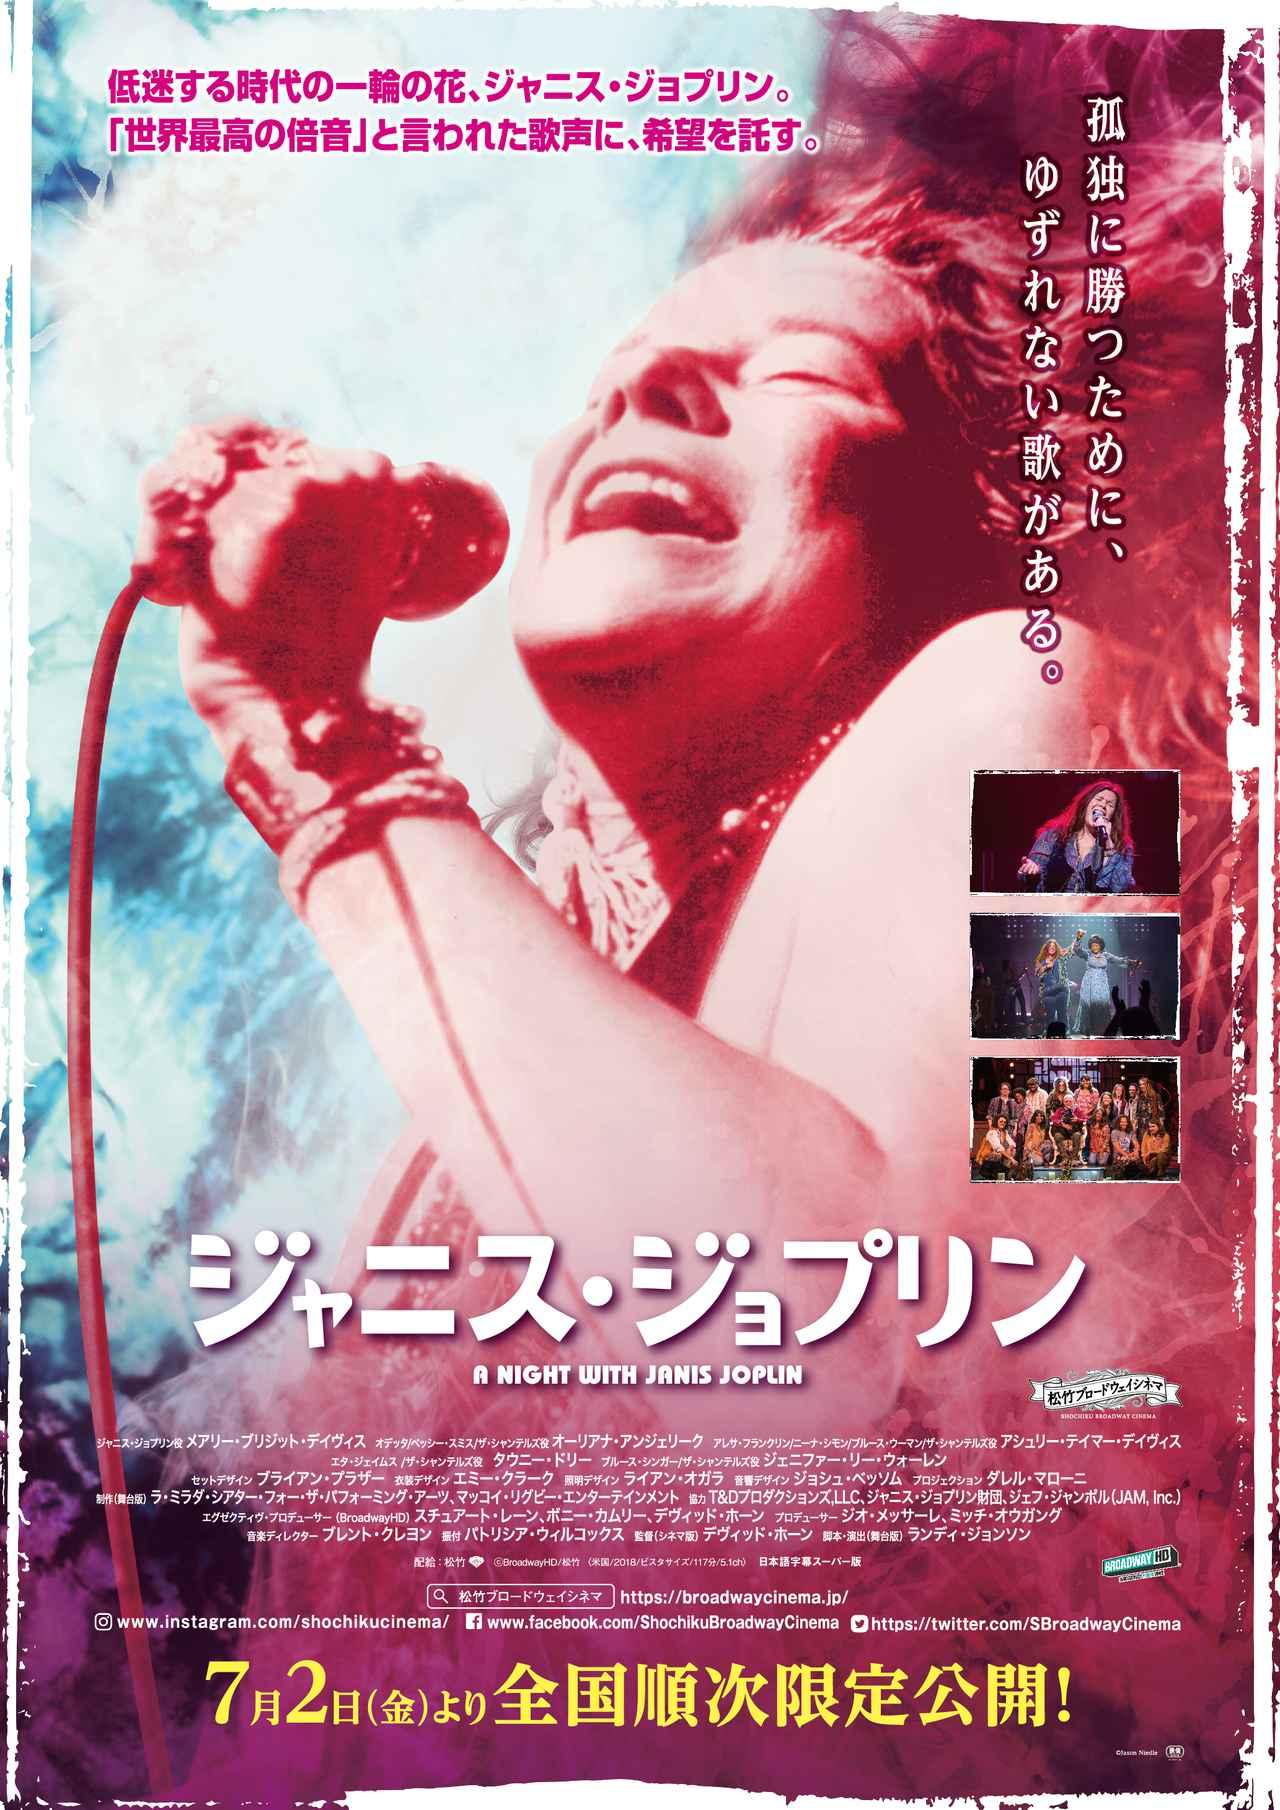 画像: 唯一無二の歌声を持つレジェンド、ジャニス・ジョプリンの名曲の数々が甦る!【松竹ブロードウェイシネマコラムvol.5】